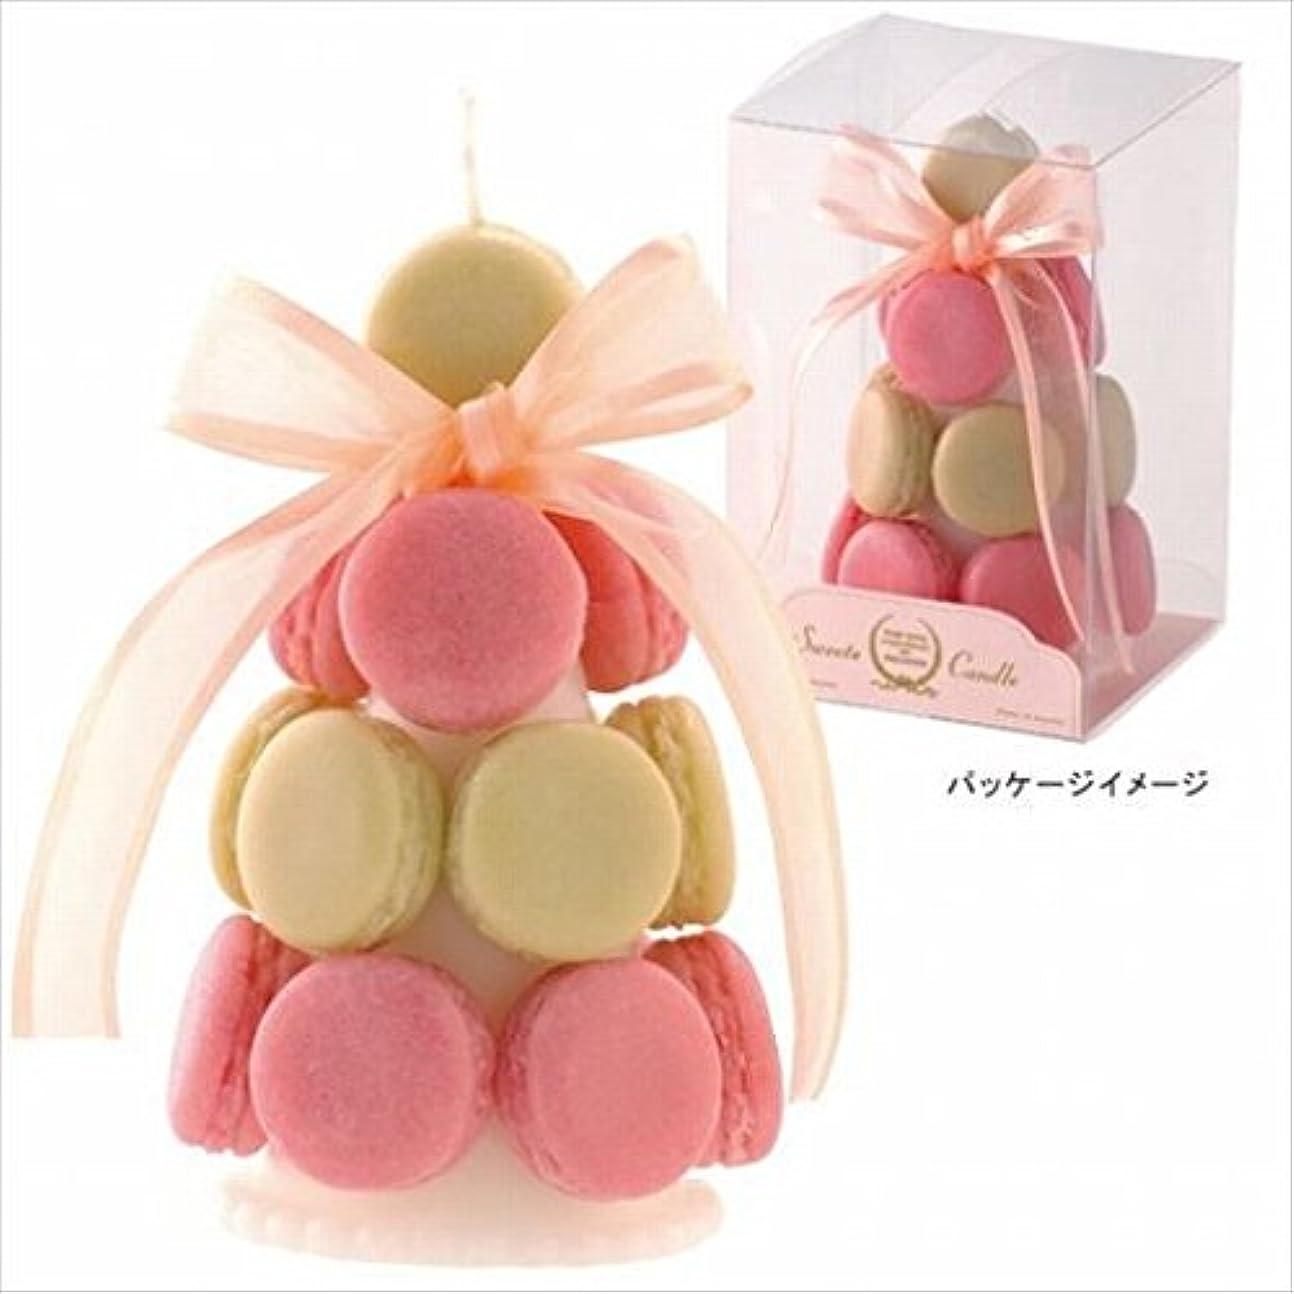 解く有効化ショートカットカメヤマキャンドル(kameyama candle) ハッピーマカロンタワー 「 キャラメル 」6個セット